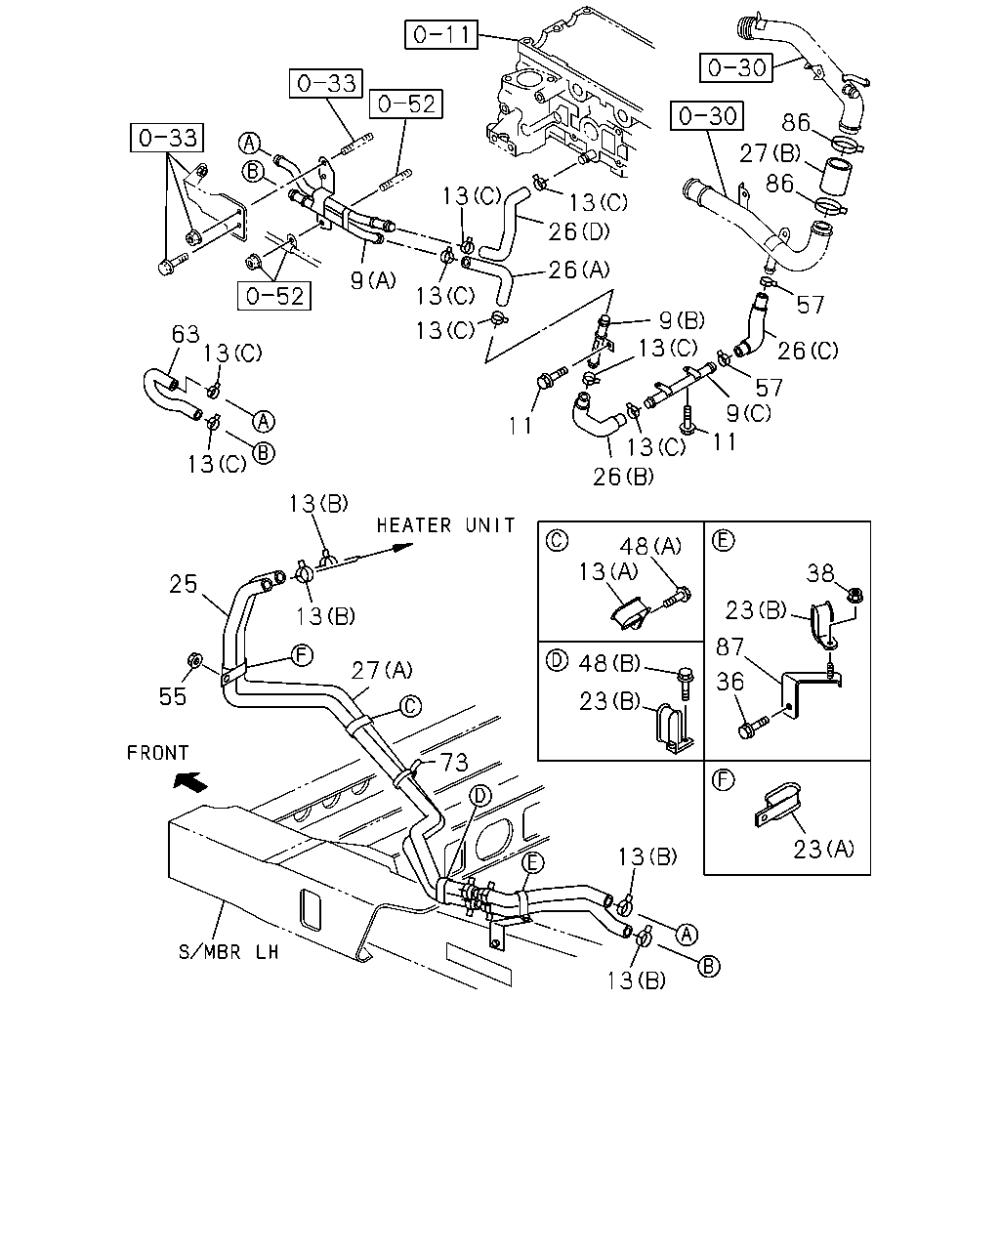 medium resolution of  kenworth t300 wiring isuzu nqr air conditioning wiring diagram 04 isuzu sel on isuzu pup